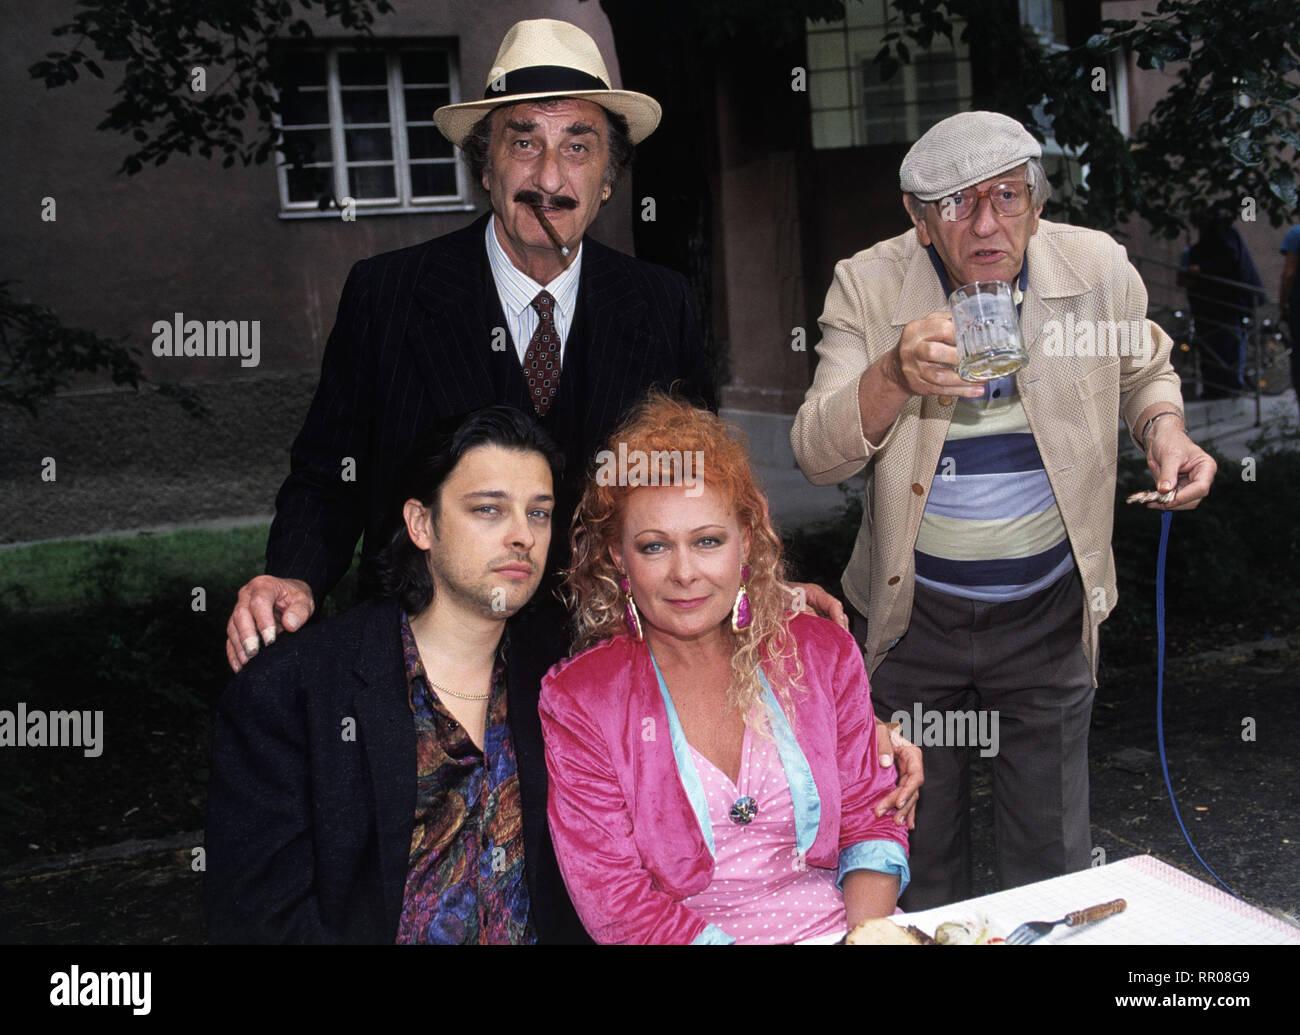 KAISERMÜHLEN BLUES / Hof-Konzert / Reinhard Schwabenitzky Szene beim Gemeindefest: FRITZ HAMMEL (Joszi Papai), GIDEON SINGER (Vater Papai), BRIGITTE NEUMEISTER (Frau Turecek), WALTER LANGER (Herr Kudrnac) C42725 / Überschrift: KAISERMÜHLEN BLUES Stock Photo